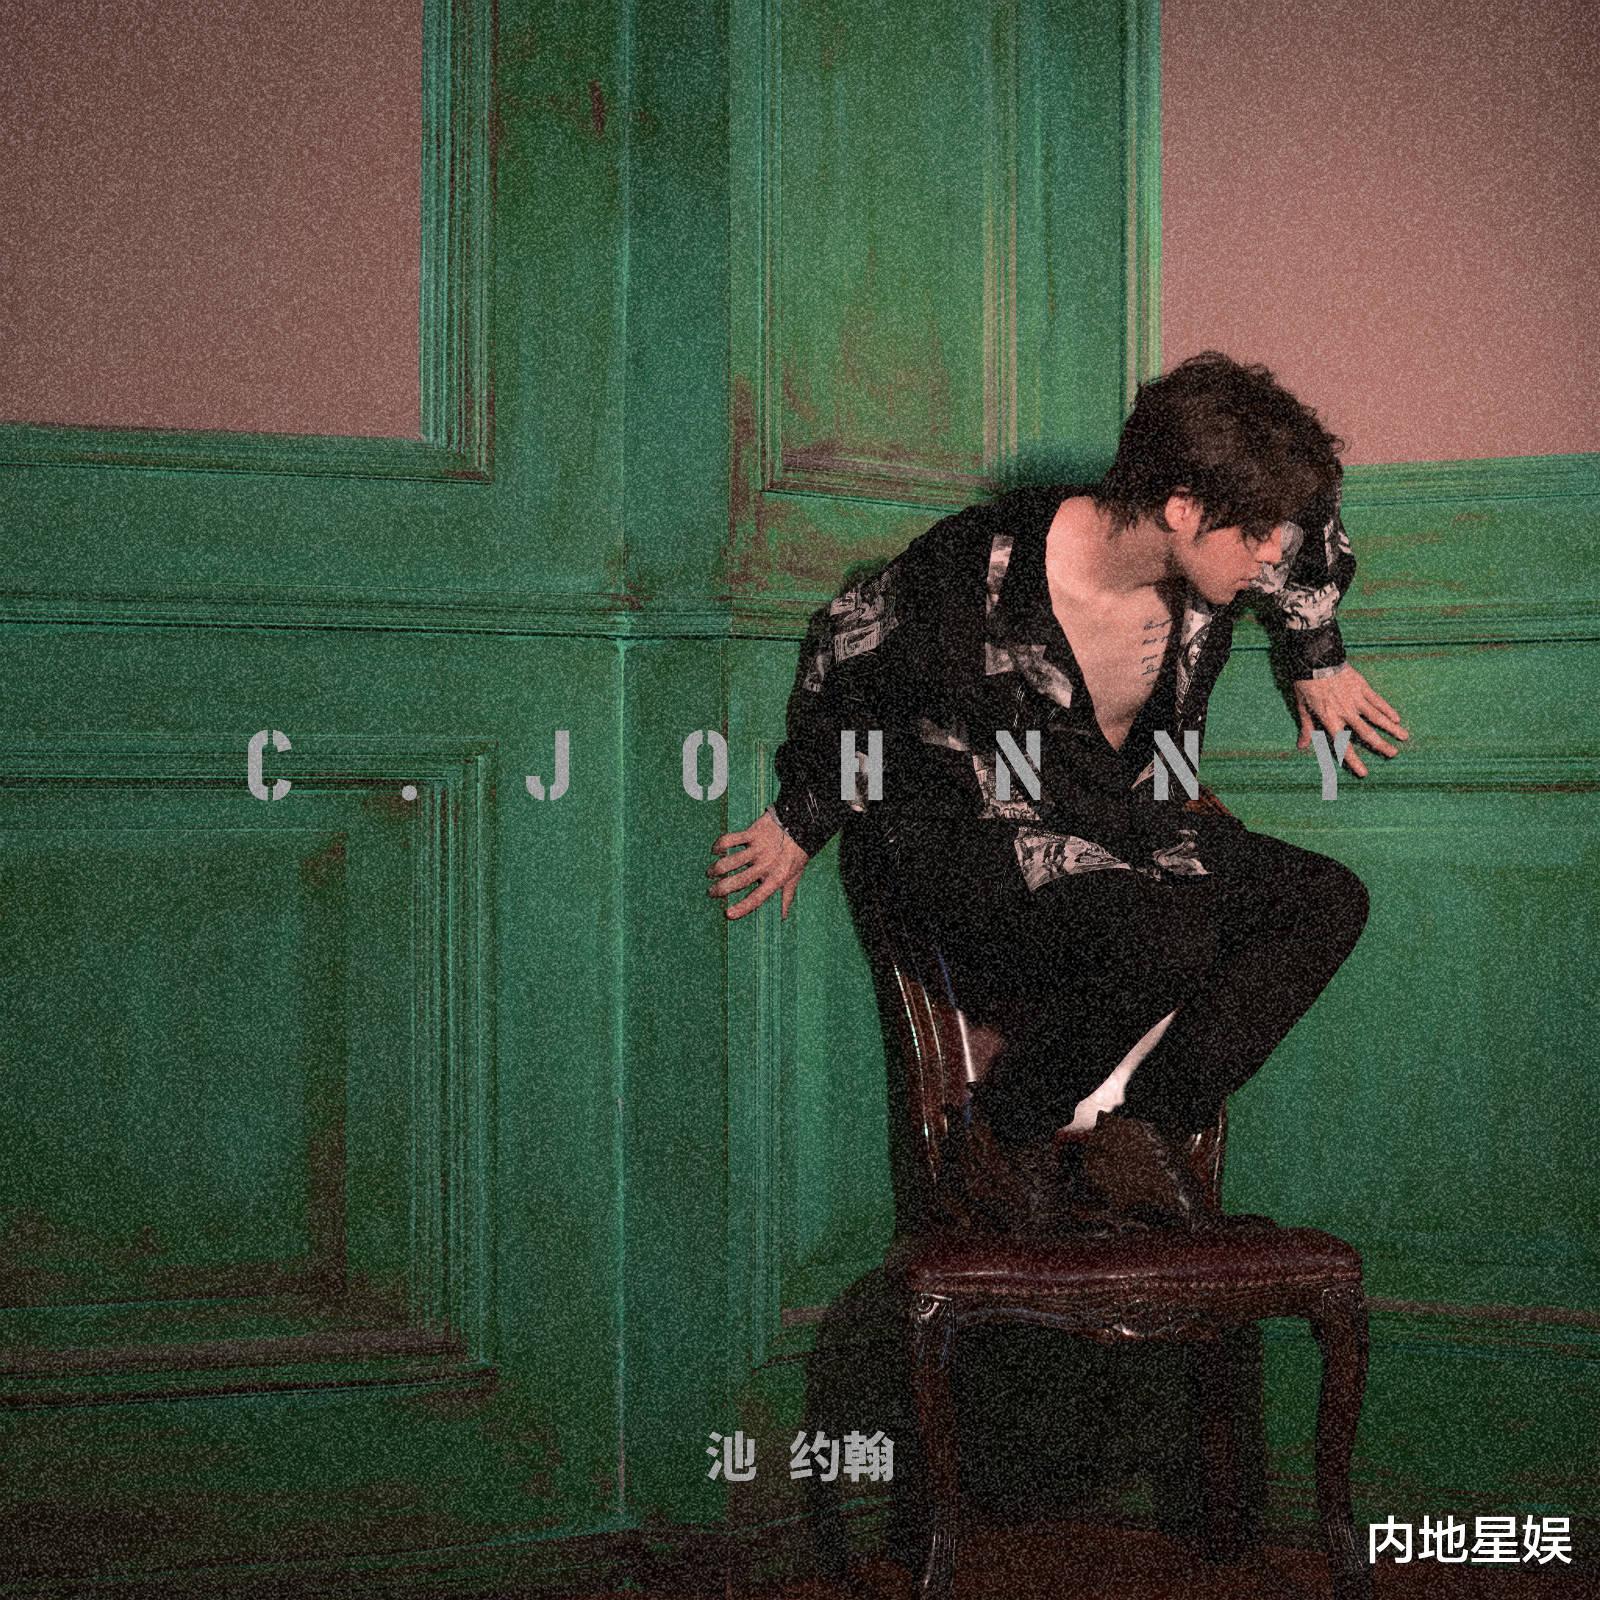 首张同名专辑《C.JOHNNY池约翰》上线全新音乐回归真实的池约翰